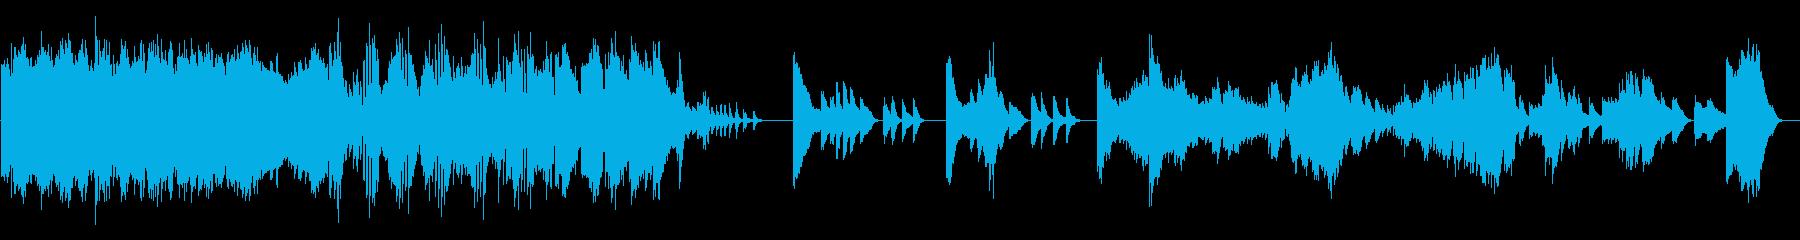 疾走感と力強いクラシックピアノの再生済みの波形